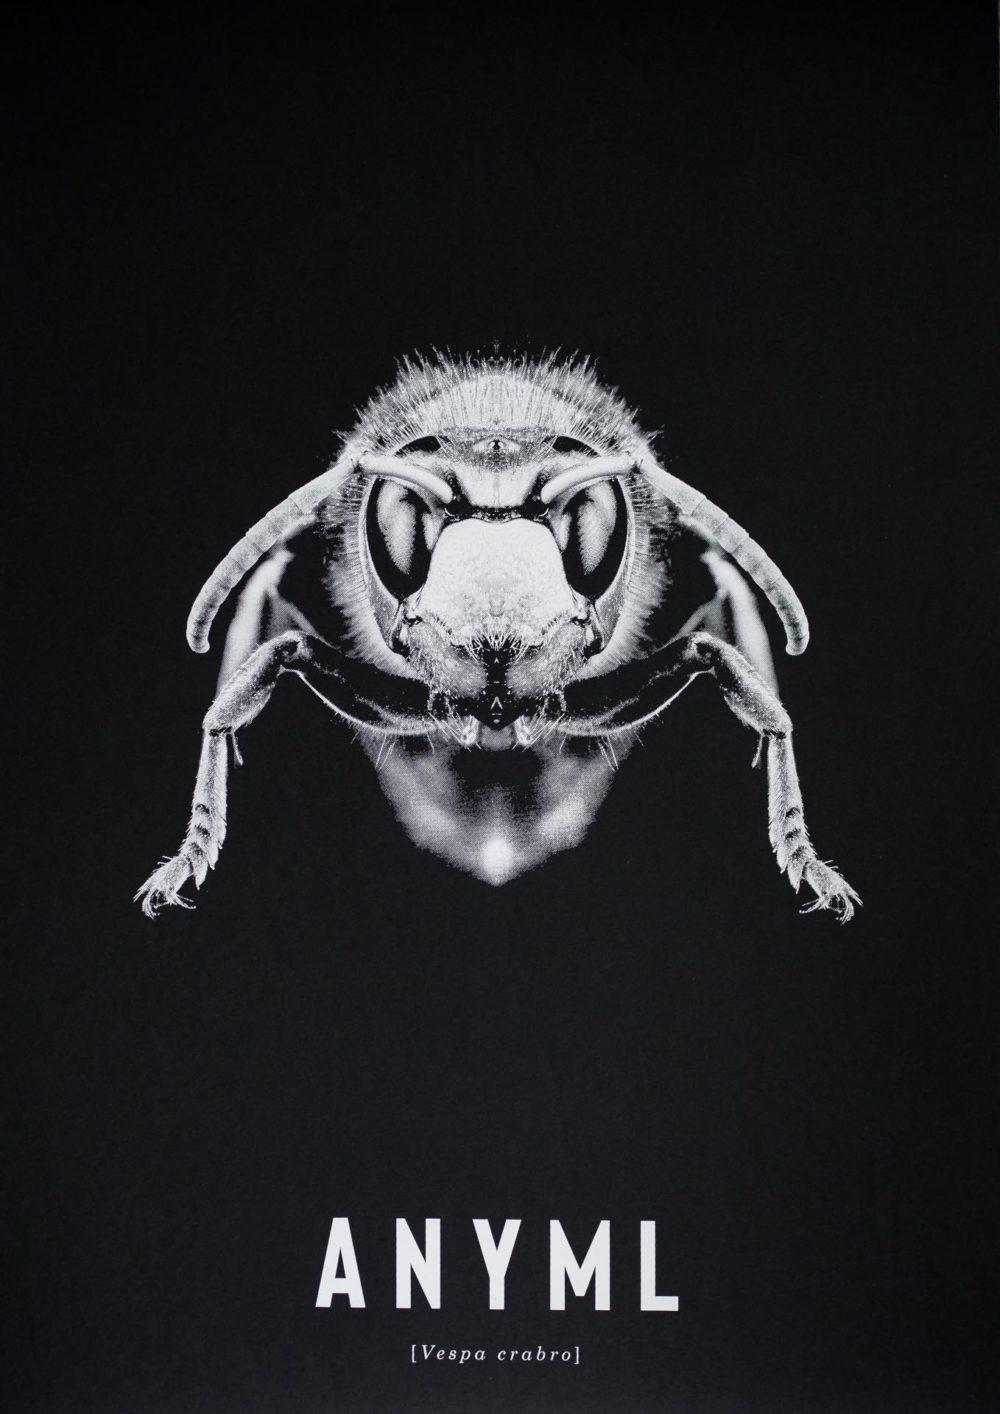 ANYML Siebdruck - Vespa crabro | Hornisse